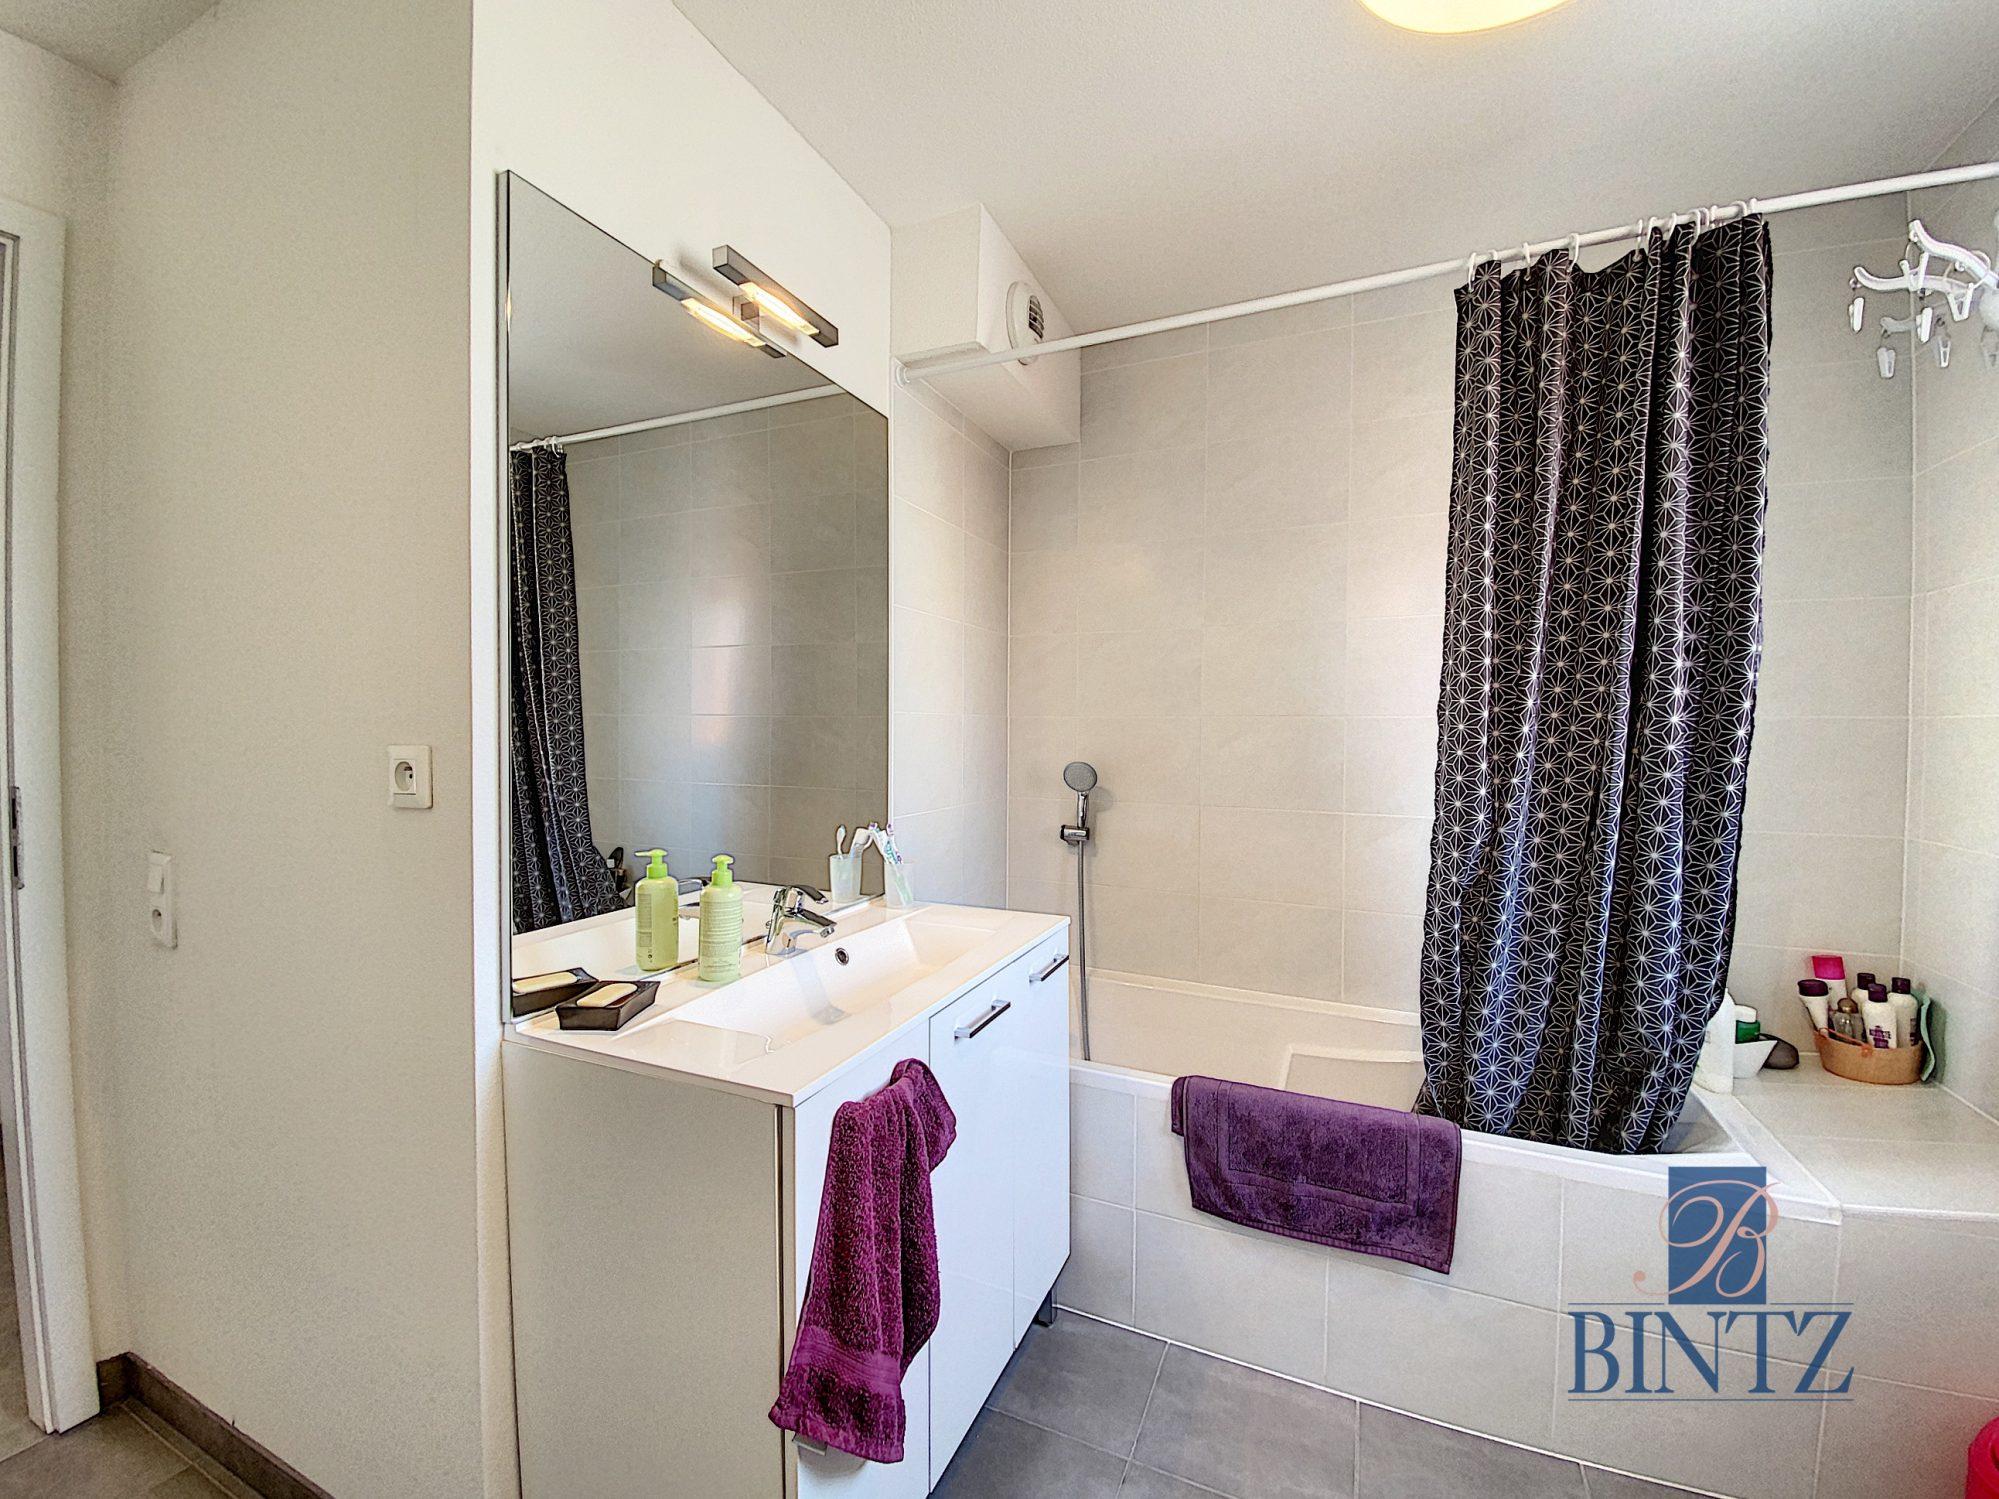 3 pièces neuf avec terrasse Schiltigheim - Devenez propriétaire en toute confiance - Bintz Immobilier - 11